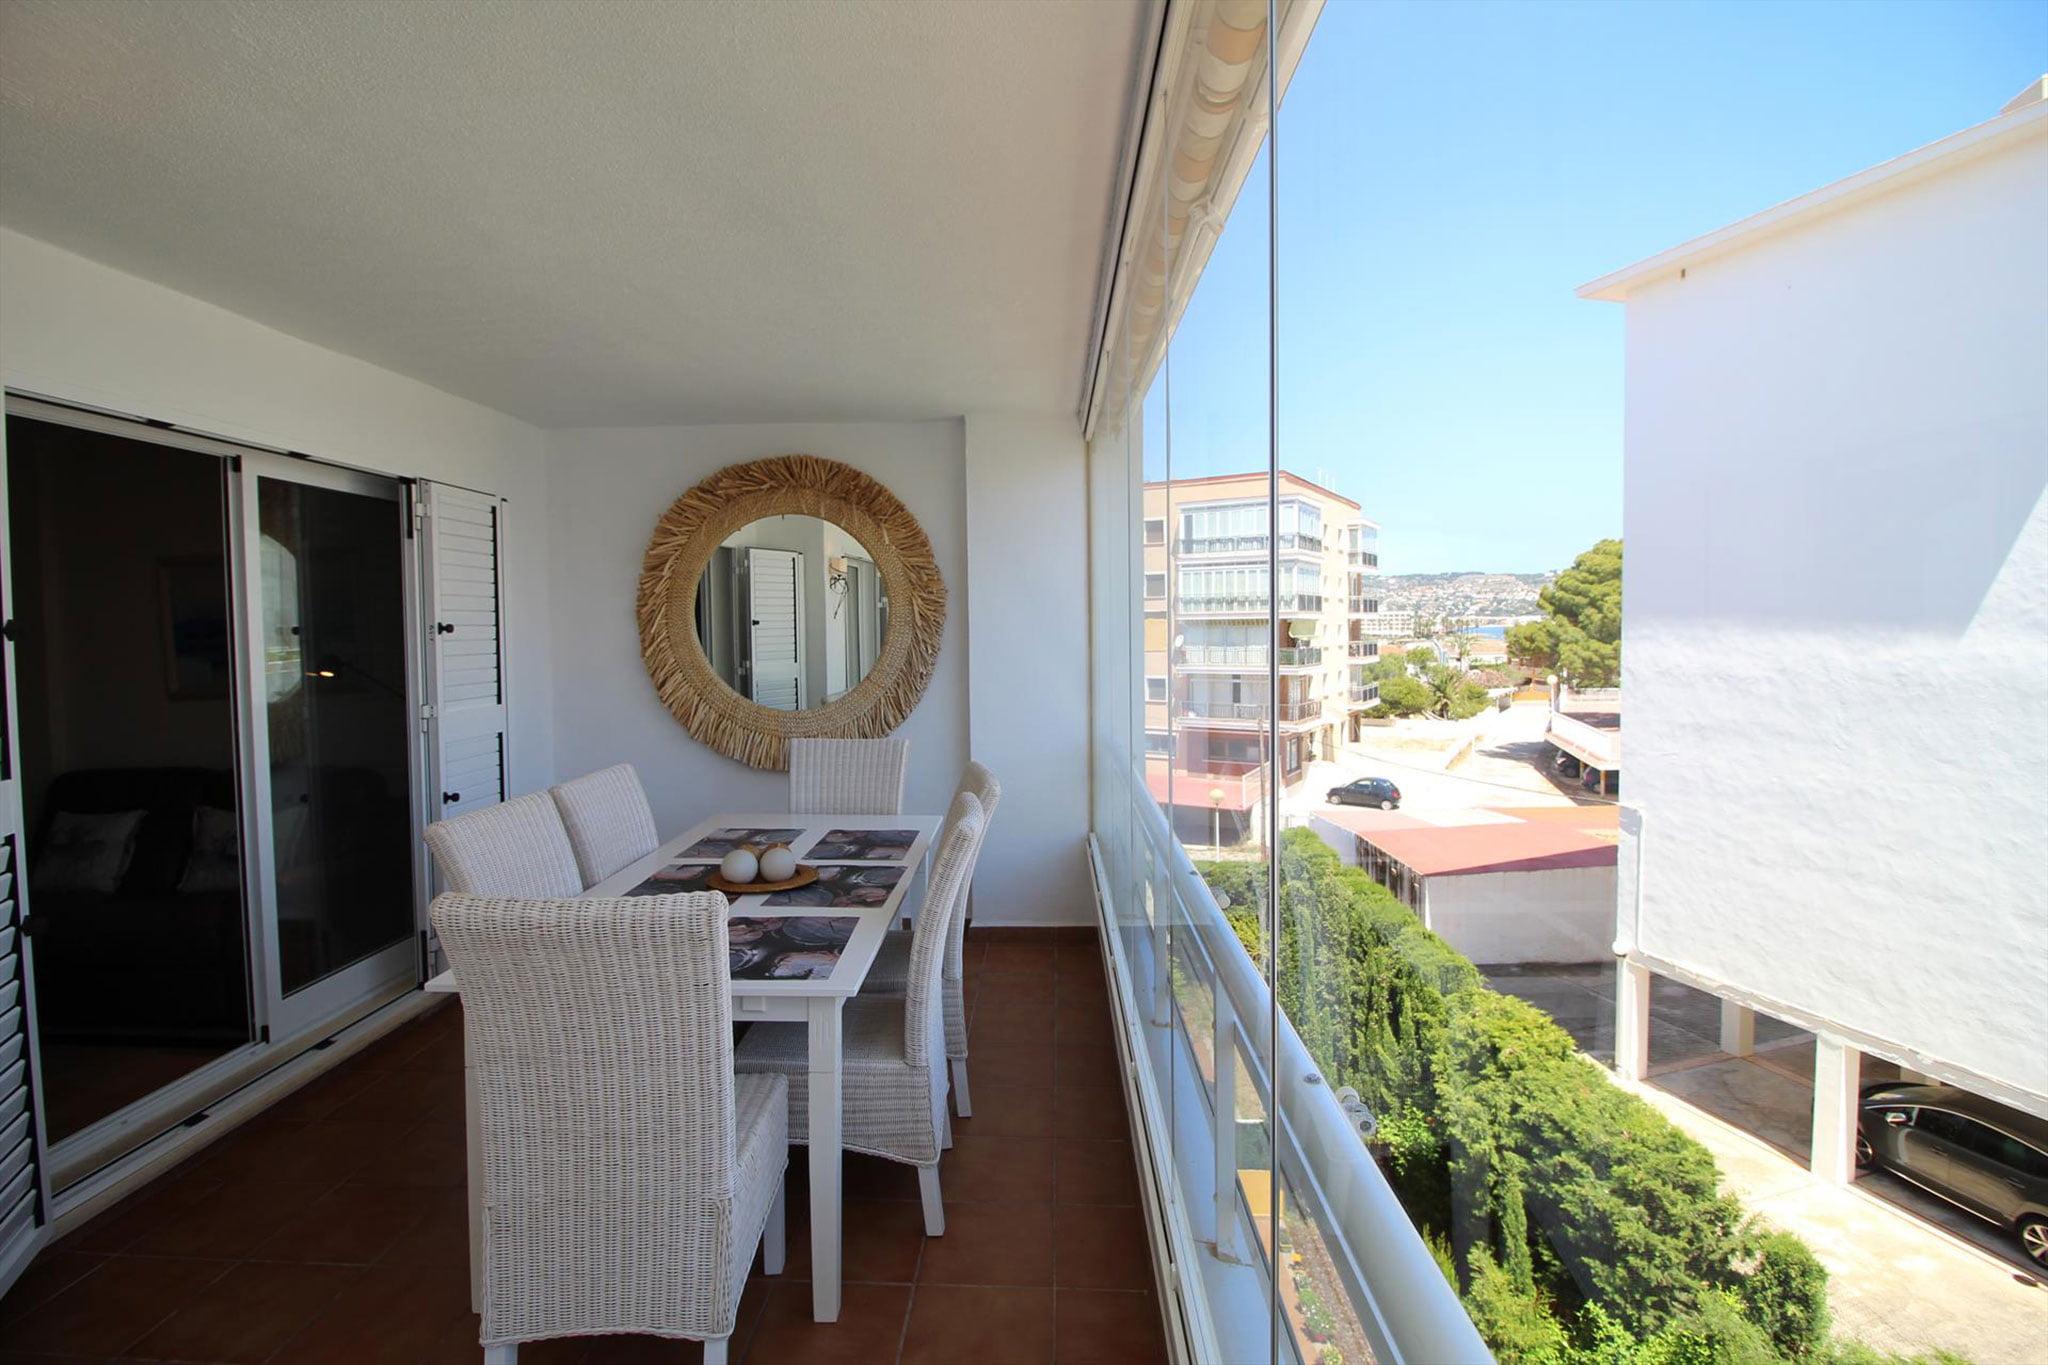 Terraza de un apartamento de vacaciones para cinco personas en Jávea – MMC Property Serivces